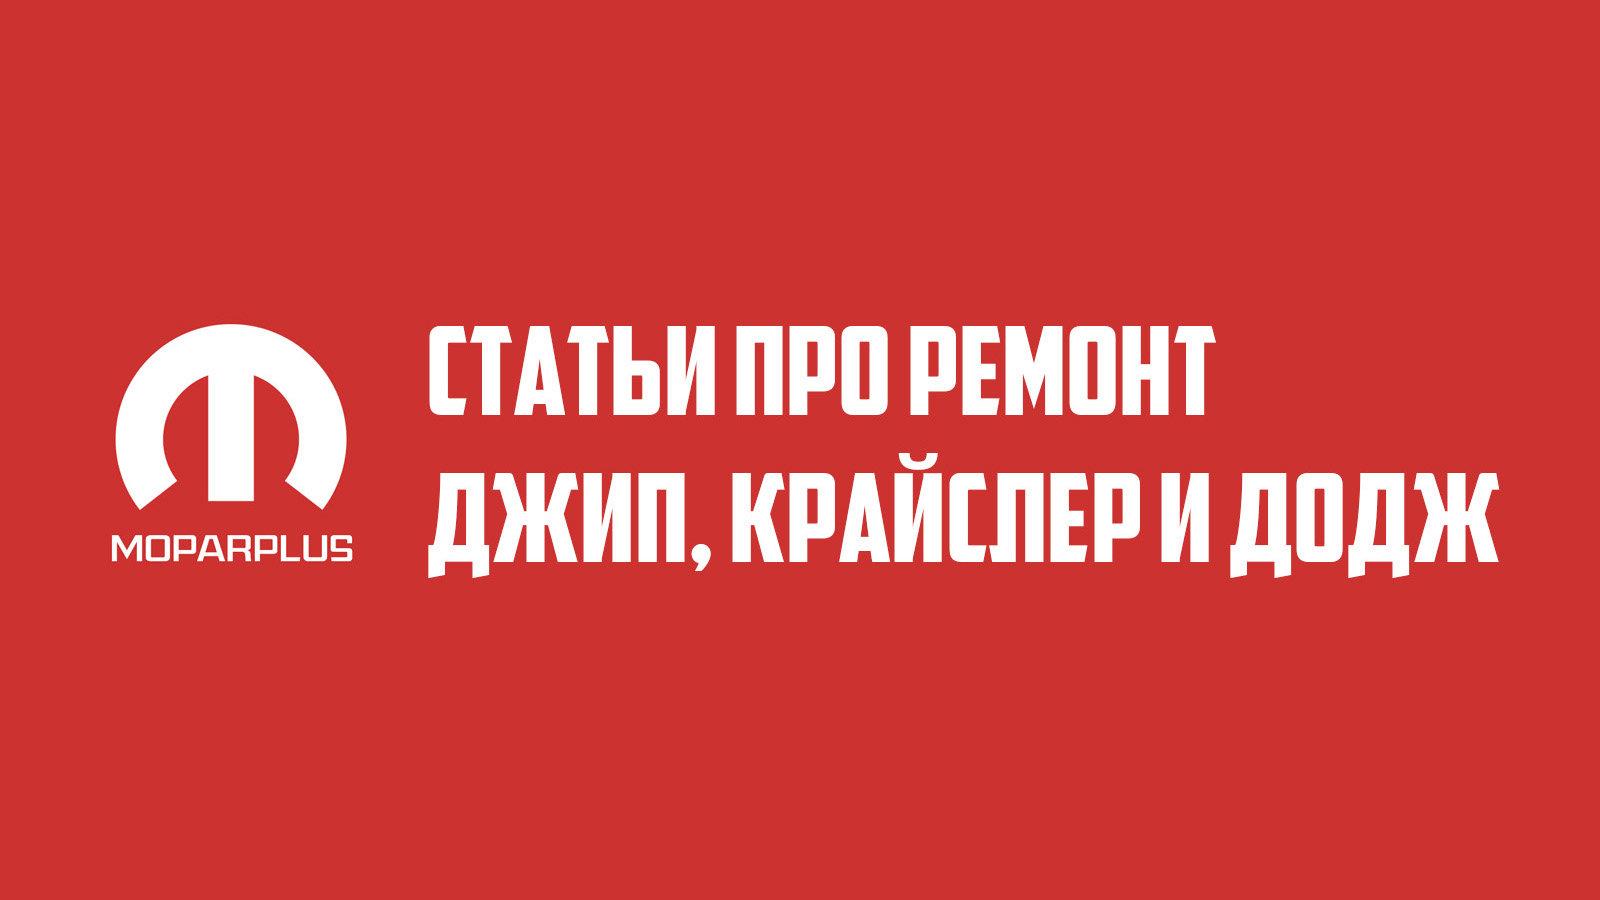 Статьи про ремонт. Выпуск №18.